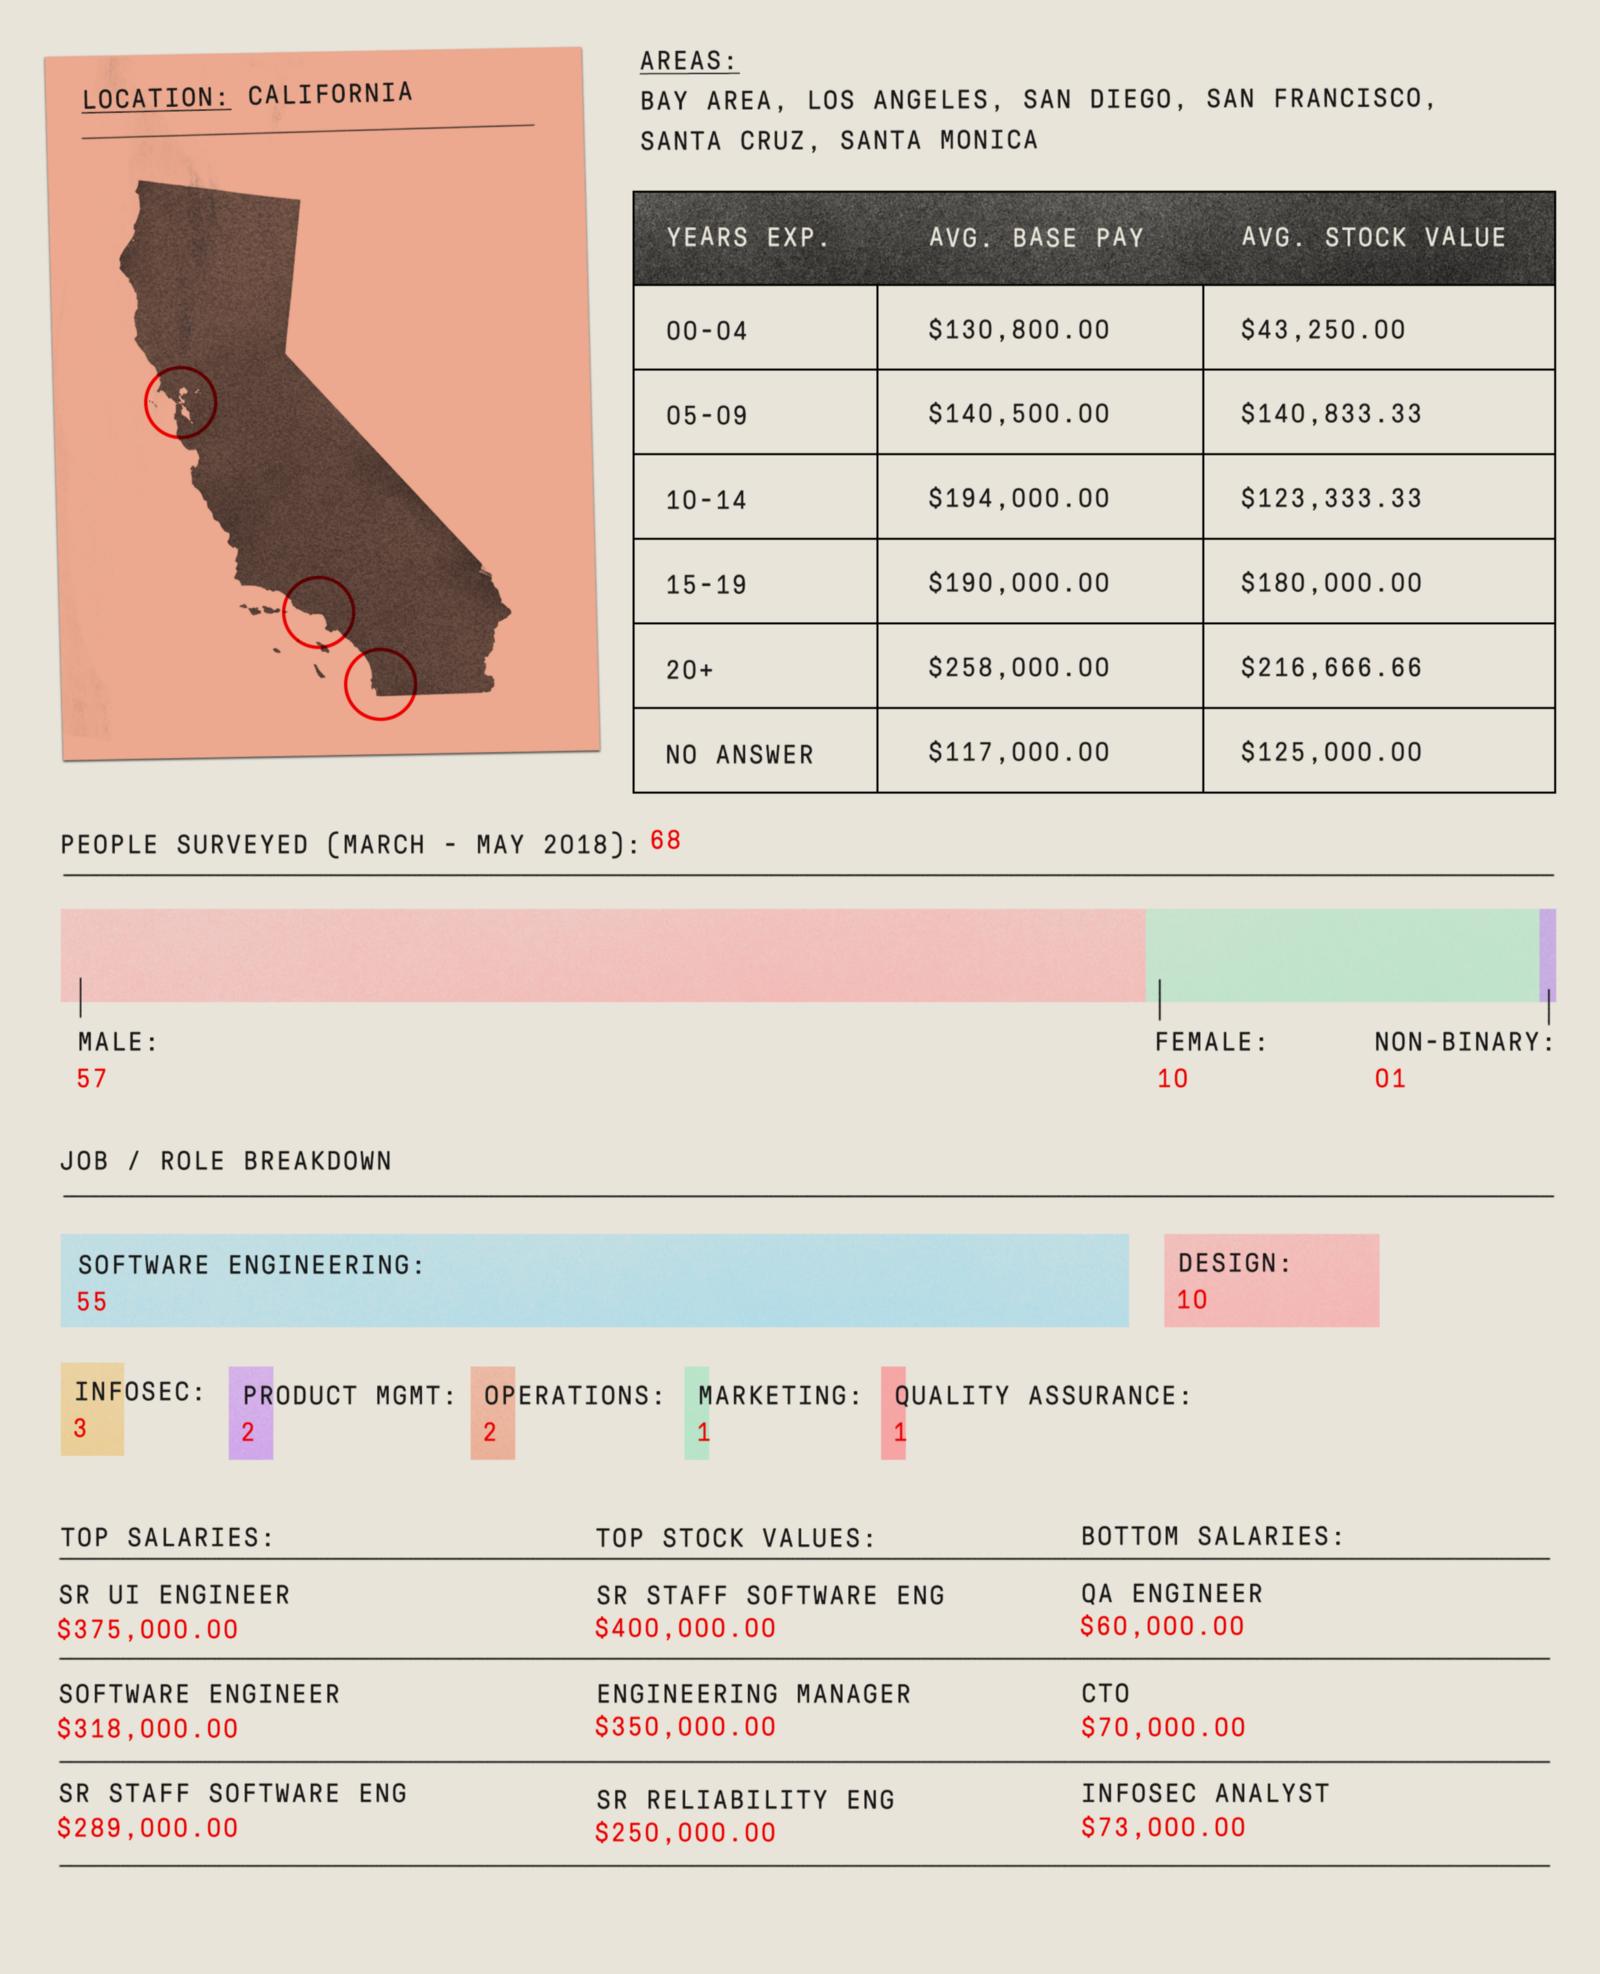 Данные по зарплатам в Калифорнии